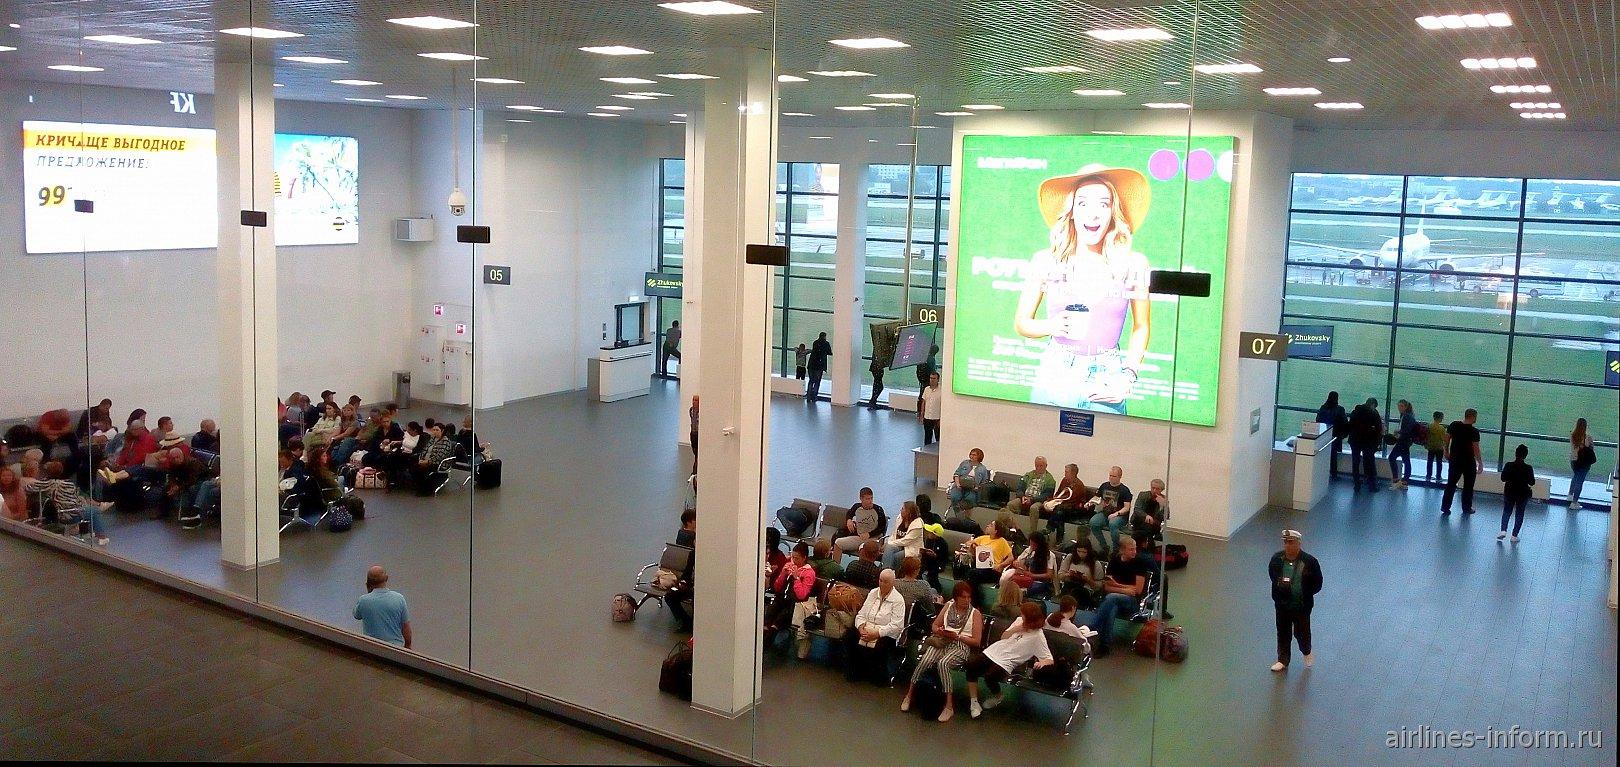 Зона вылета в аэропорту Жуковский